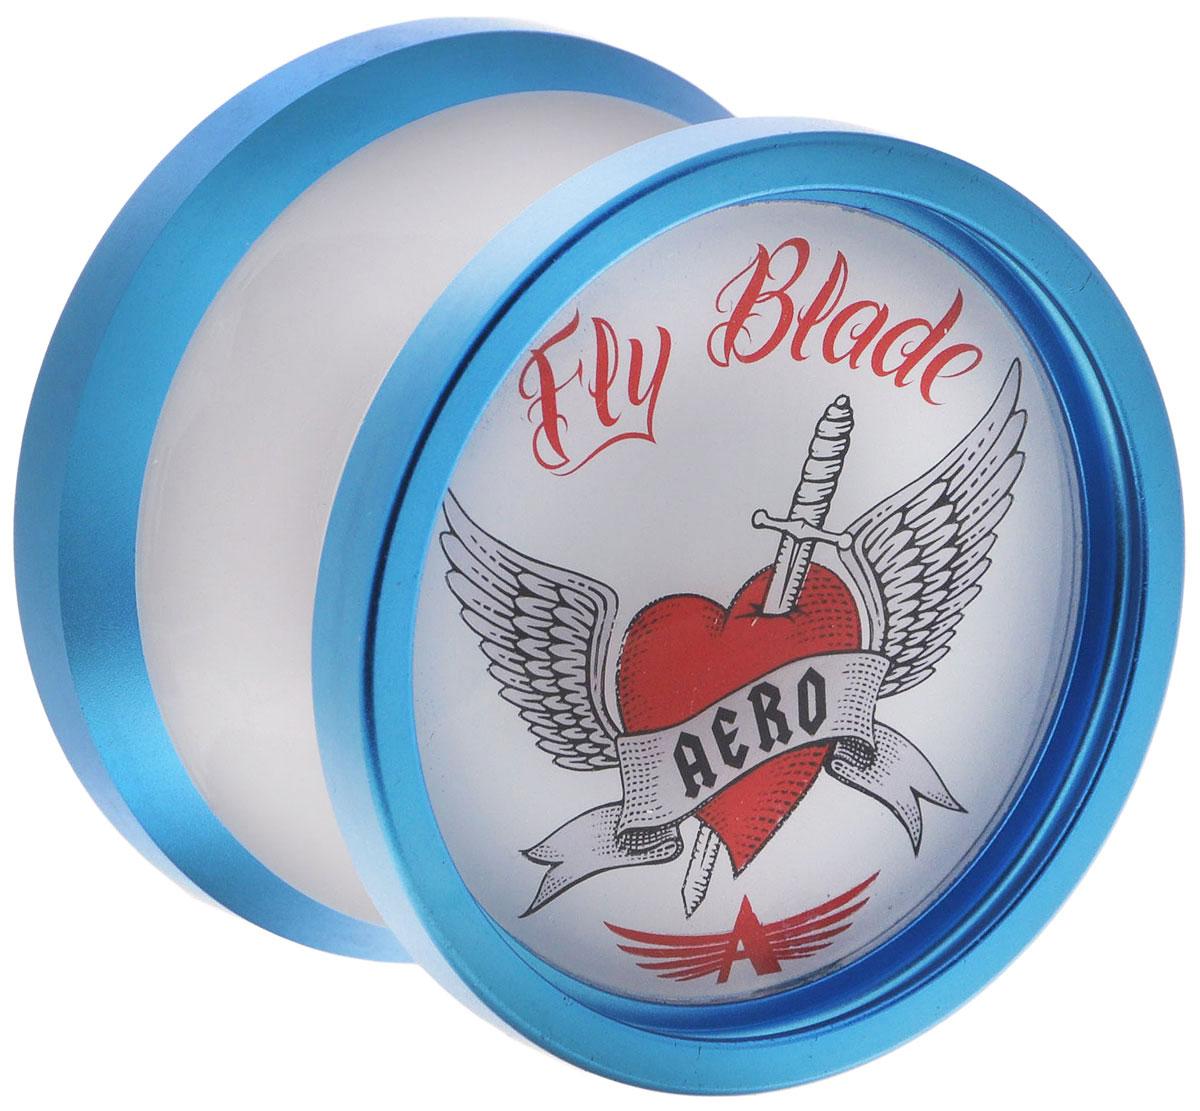 Aero-Yo Йо-йо Aero Fly Blade цвет синий732027_синийFly Blade - доступное композитное йо-йо. Отличное сочетание формы, веса и динамики алюминиевых ободов. Широкий подшипник позволяет делать сложные трюки, а резиновая тормозная система делает игру чрезвычайно мягкой. Чаще всего это йо-йо привлекает внимание к себе своим урбан дизайном, профессиональные игроки ценят его оптимальный вес, а новички - прочные материалы и высокое качество изготовления. В комплекте буклет с трюками!